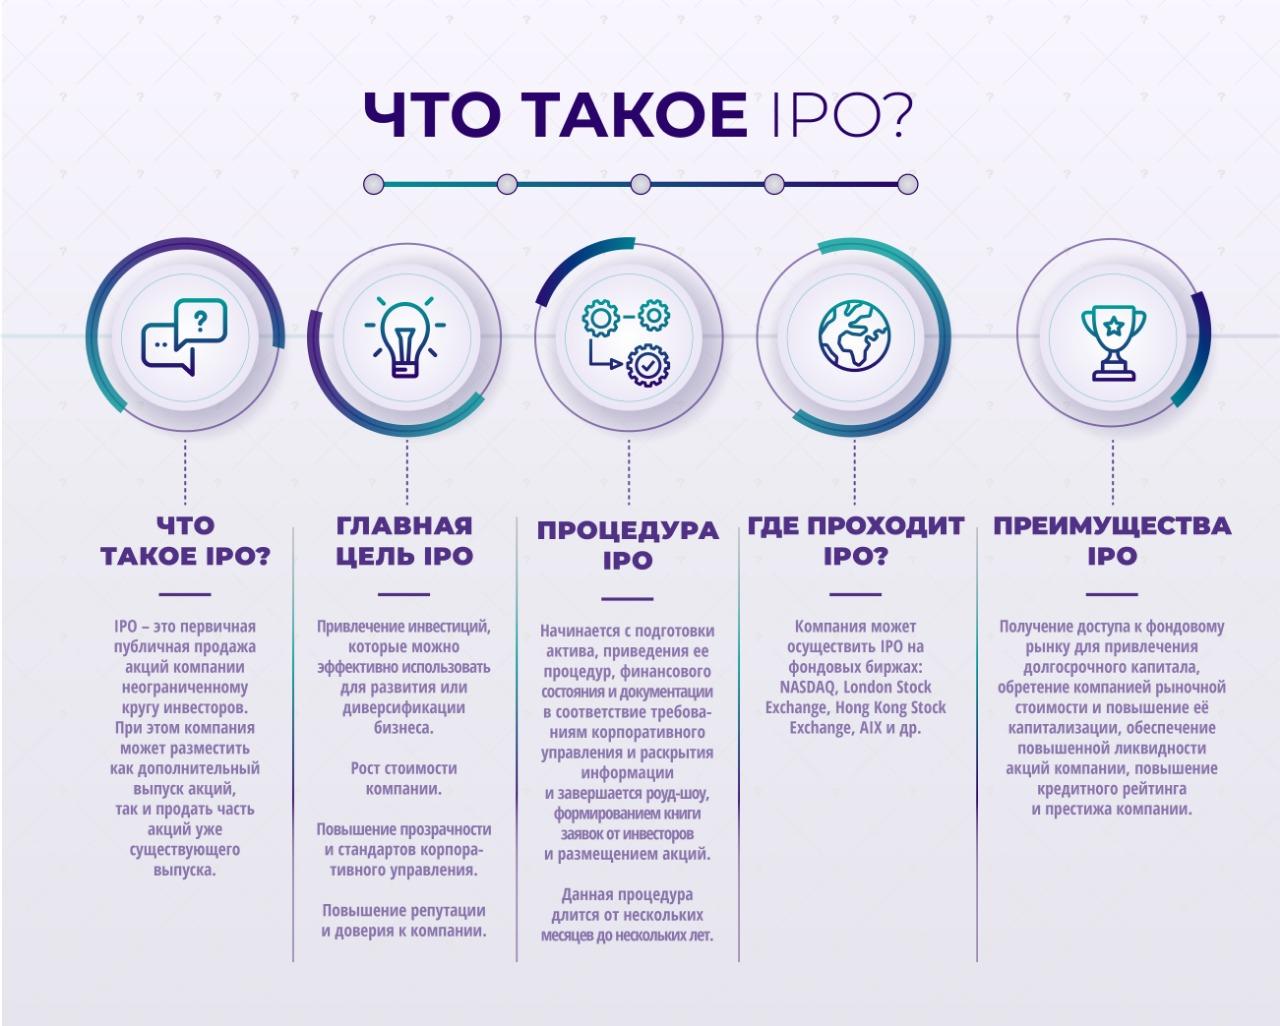 Что такое IPO простыми словами и для чего оно нужно